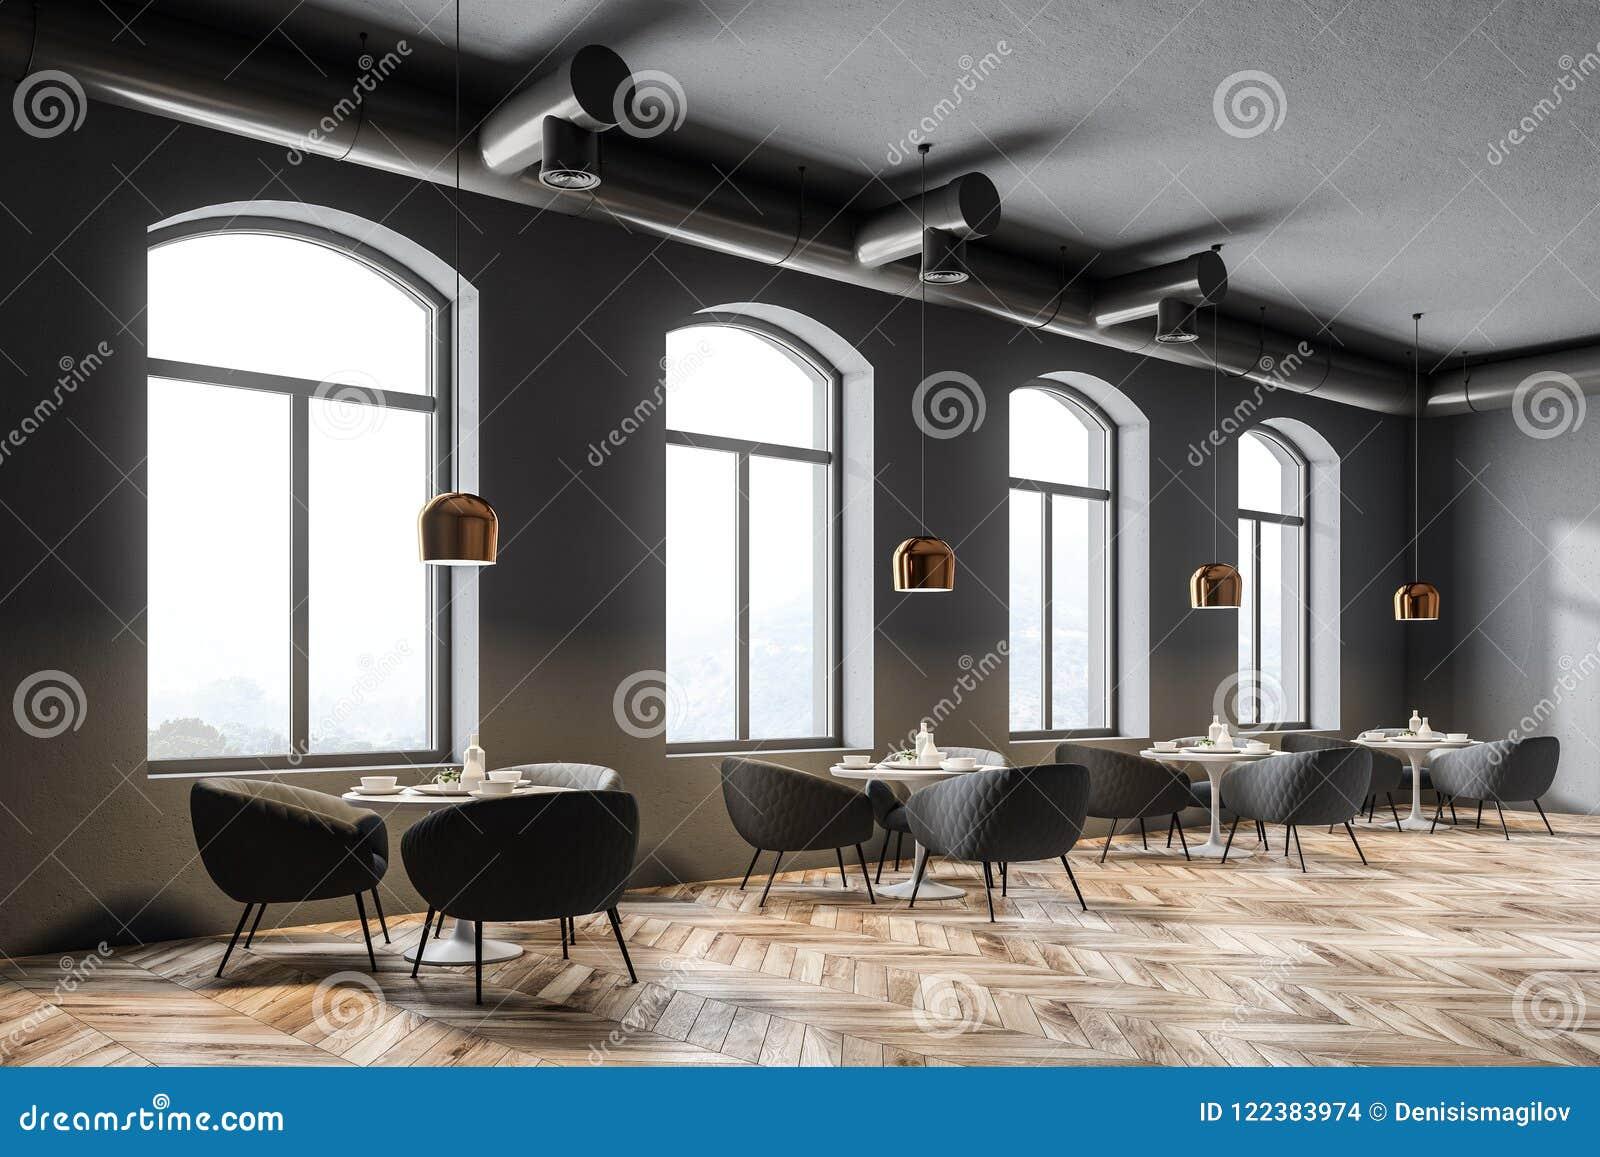 305ec2407921 Esquina moderna del restaurante con las paredes grises, las ventanas  arqueadas, un piso de madera y las mesas redondas con las butacas mofa de  la ...